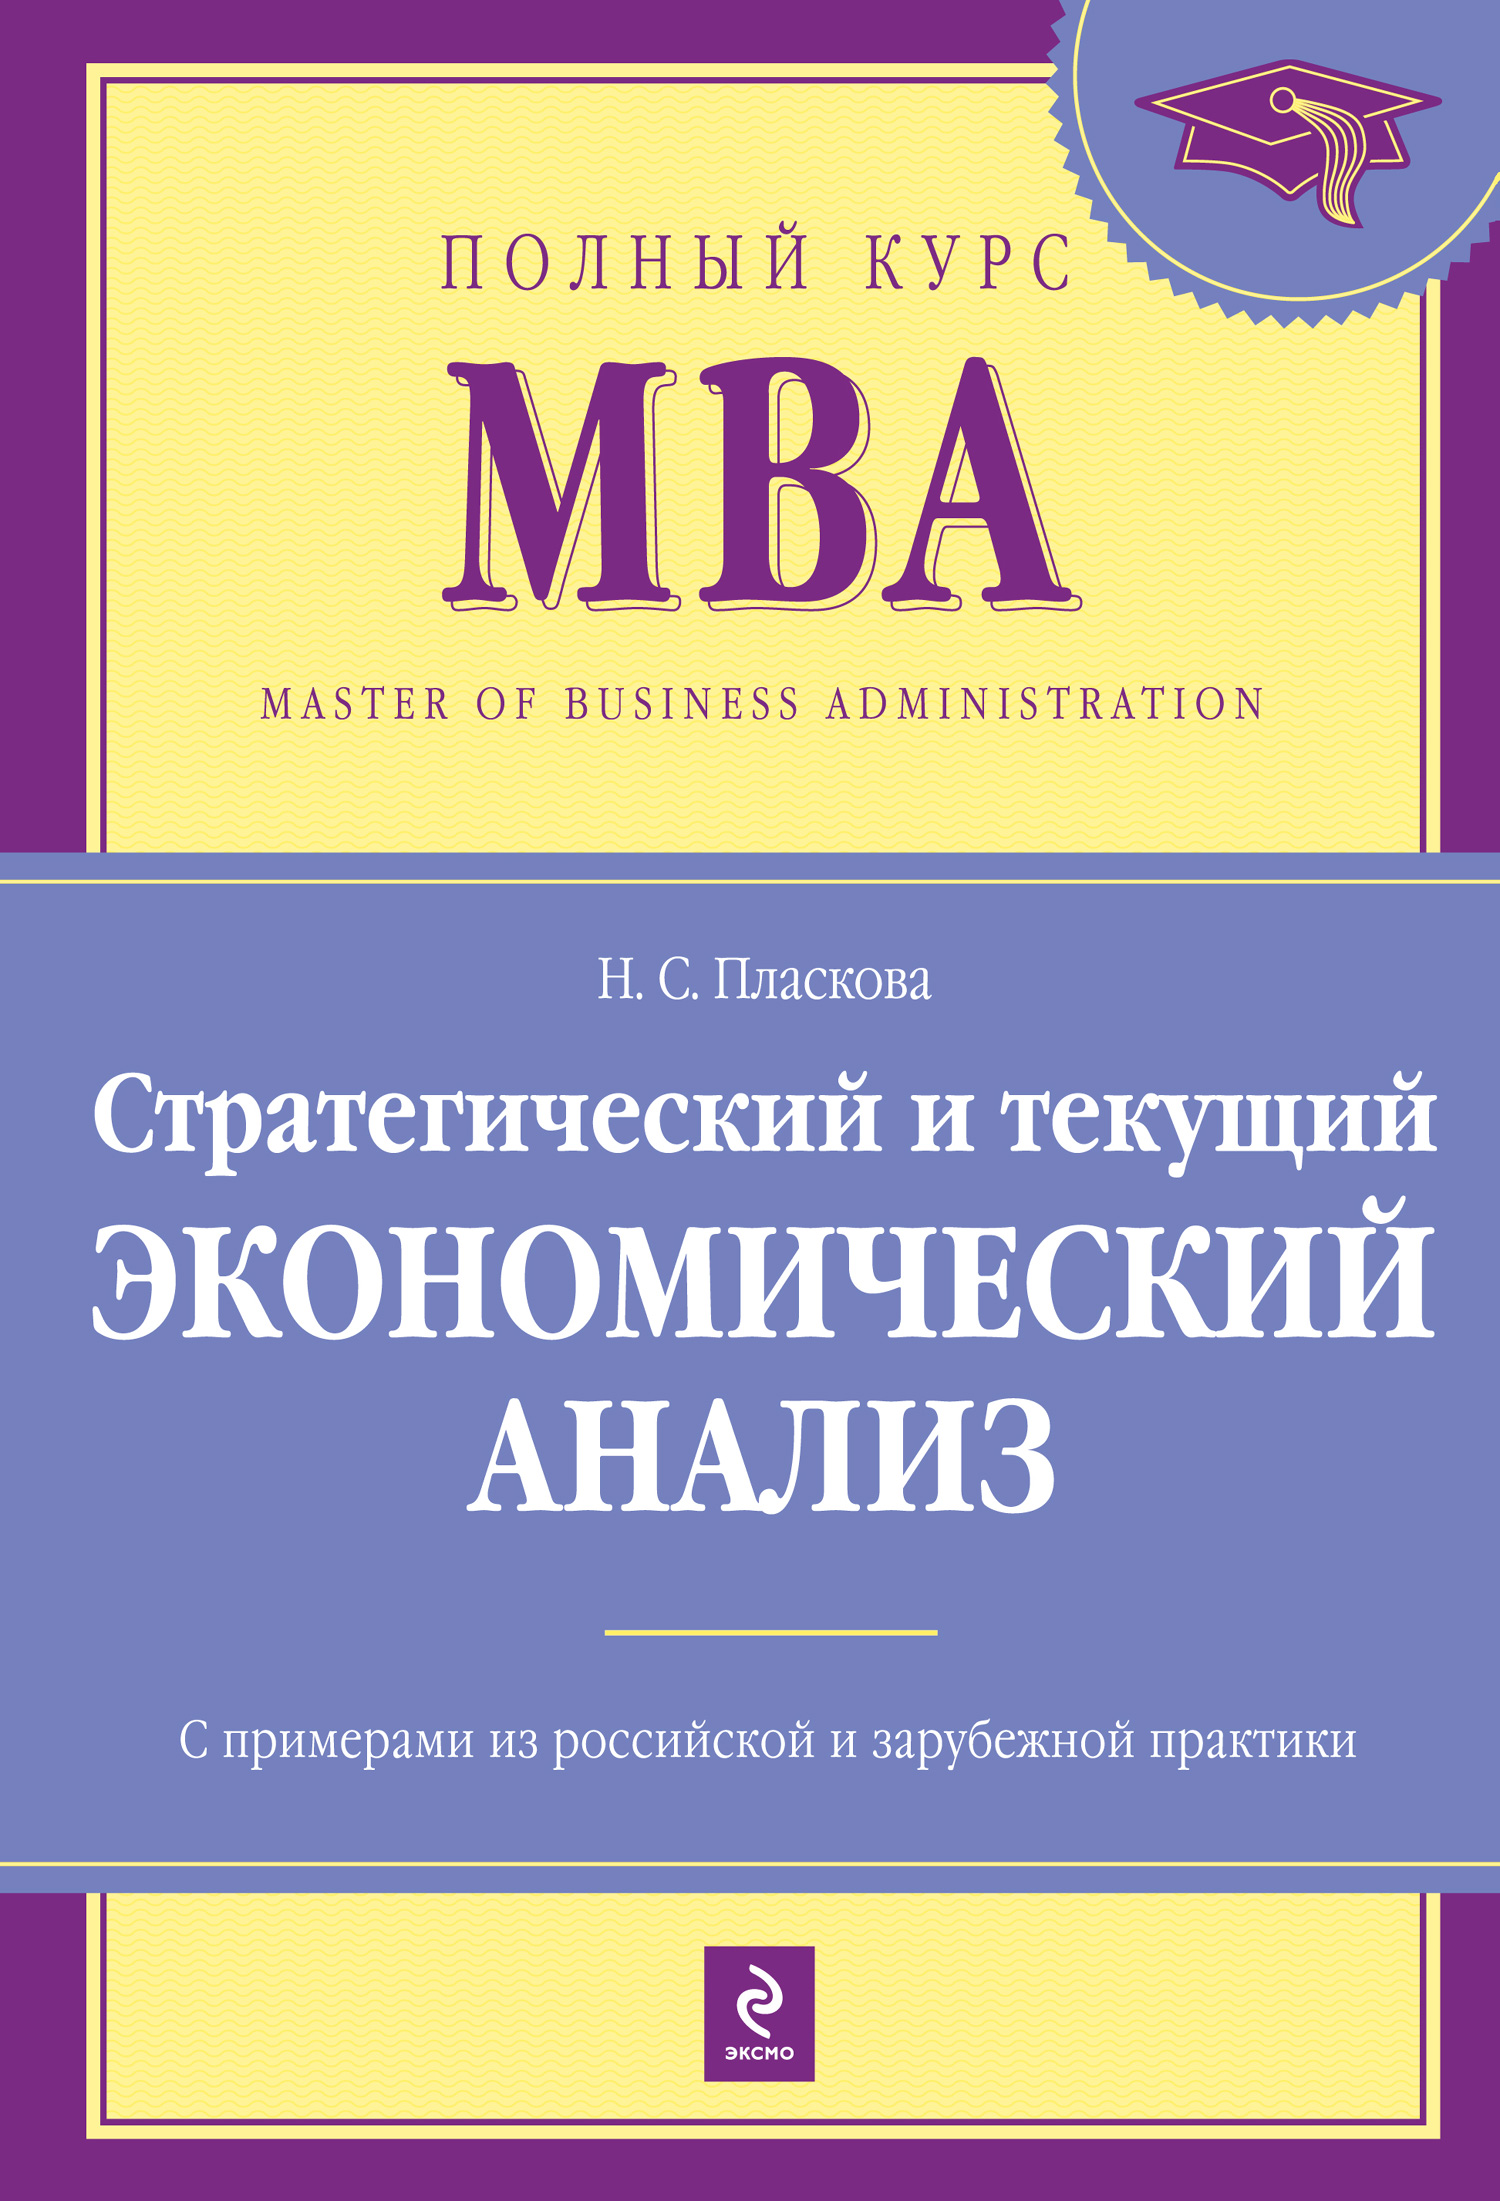 Стратегический и текущий экономический анализ: учебник